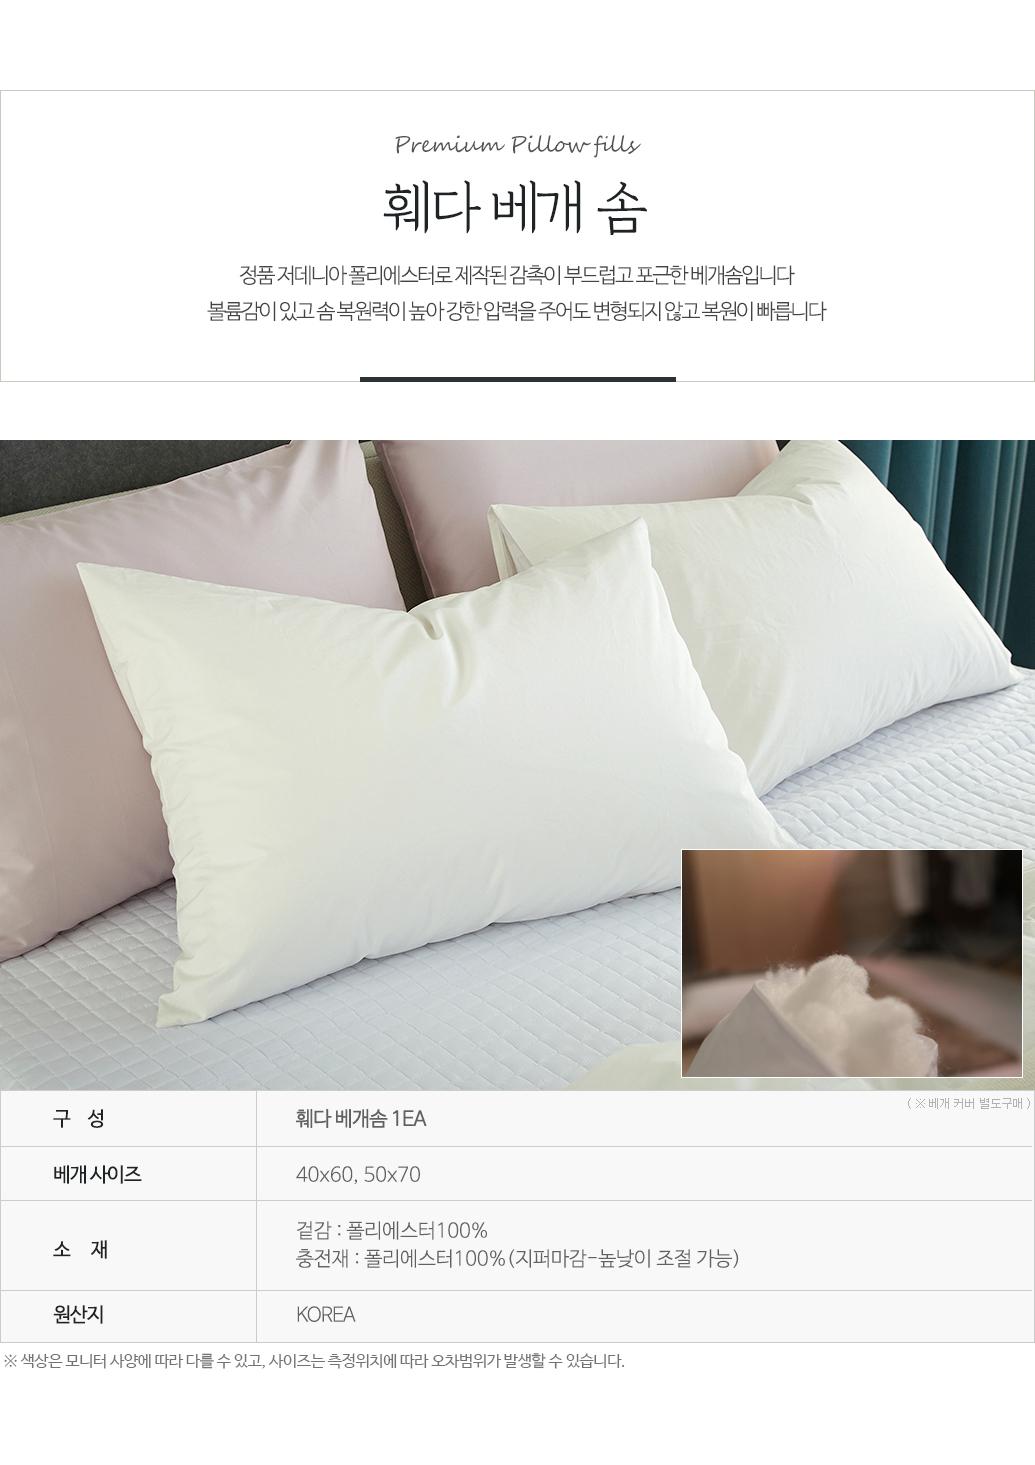 hp_pillow03.jpg